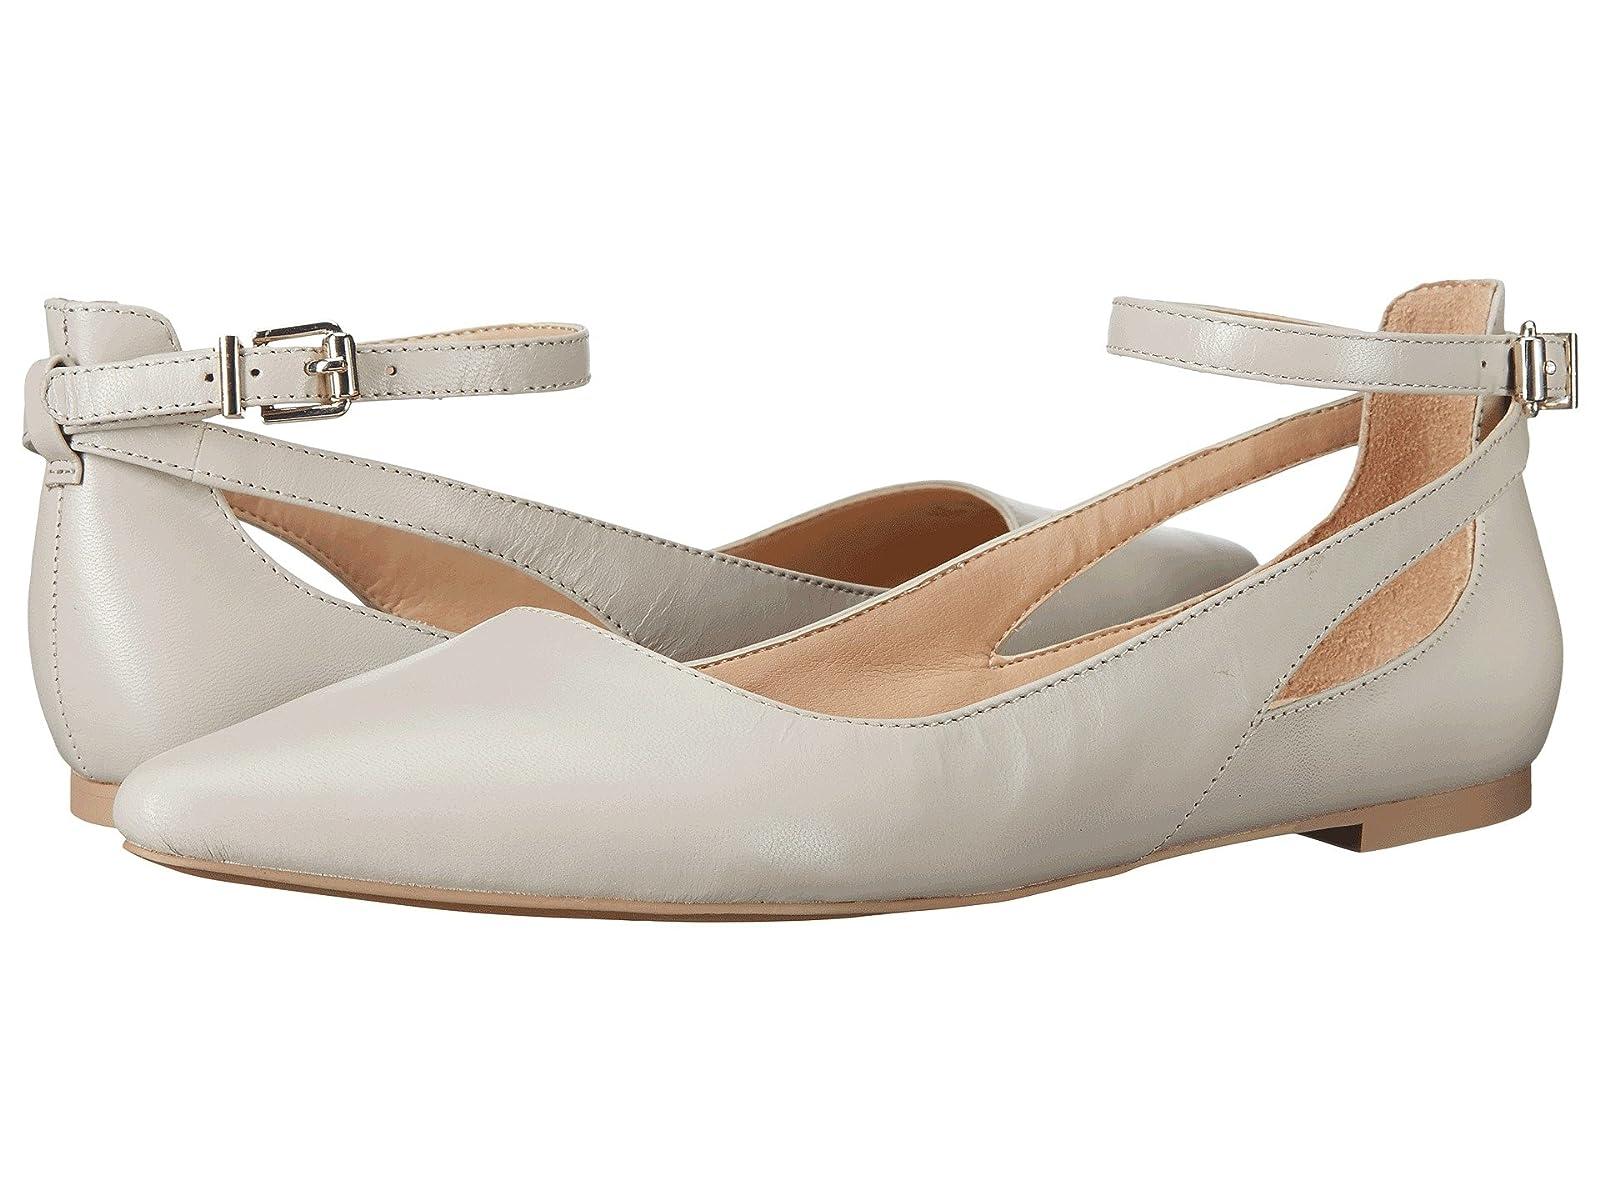 Franco Sarto SylviaCheap and distinctive eye-catching shoes